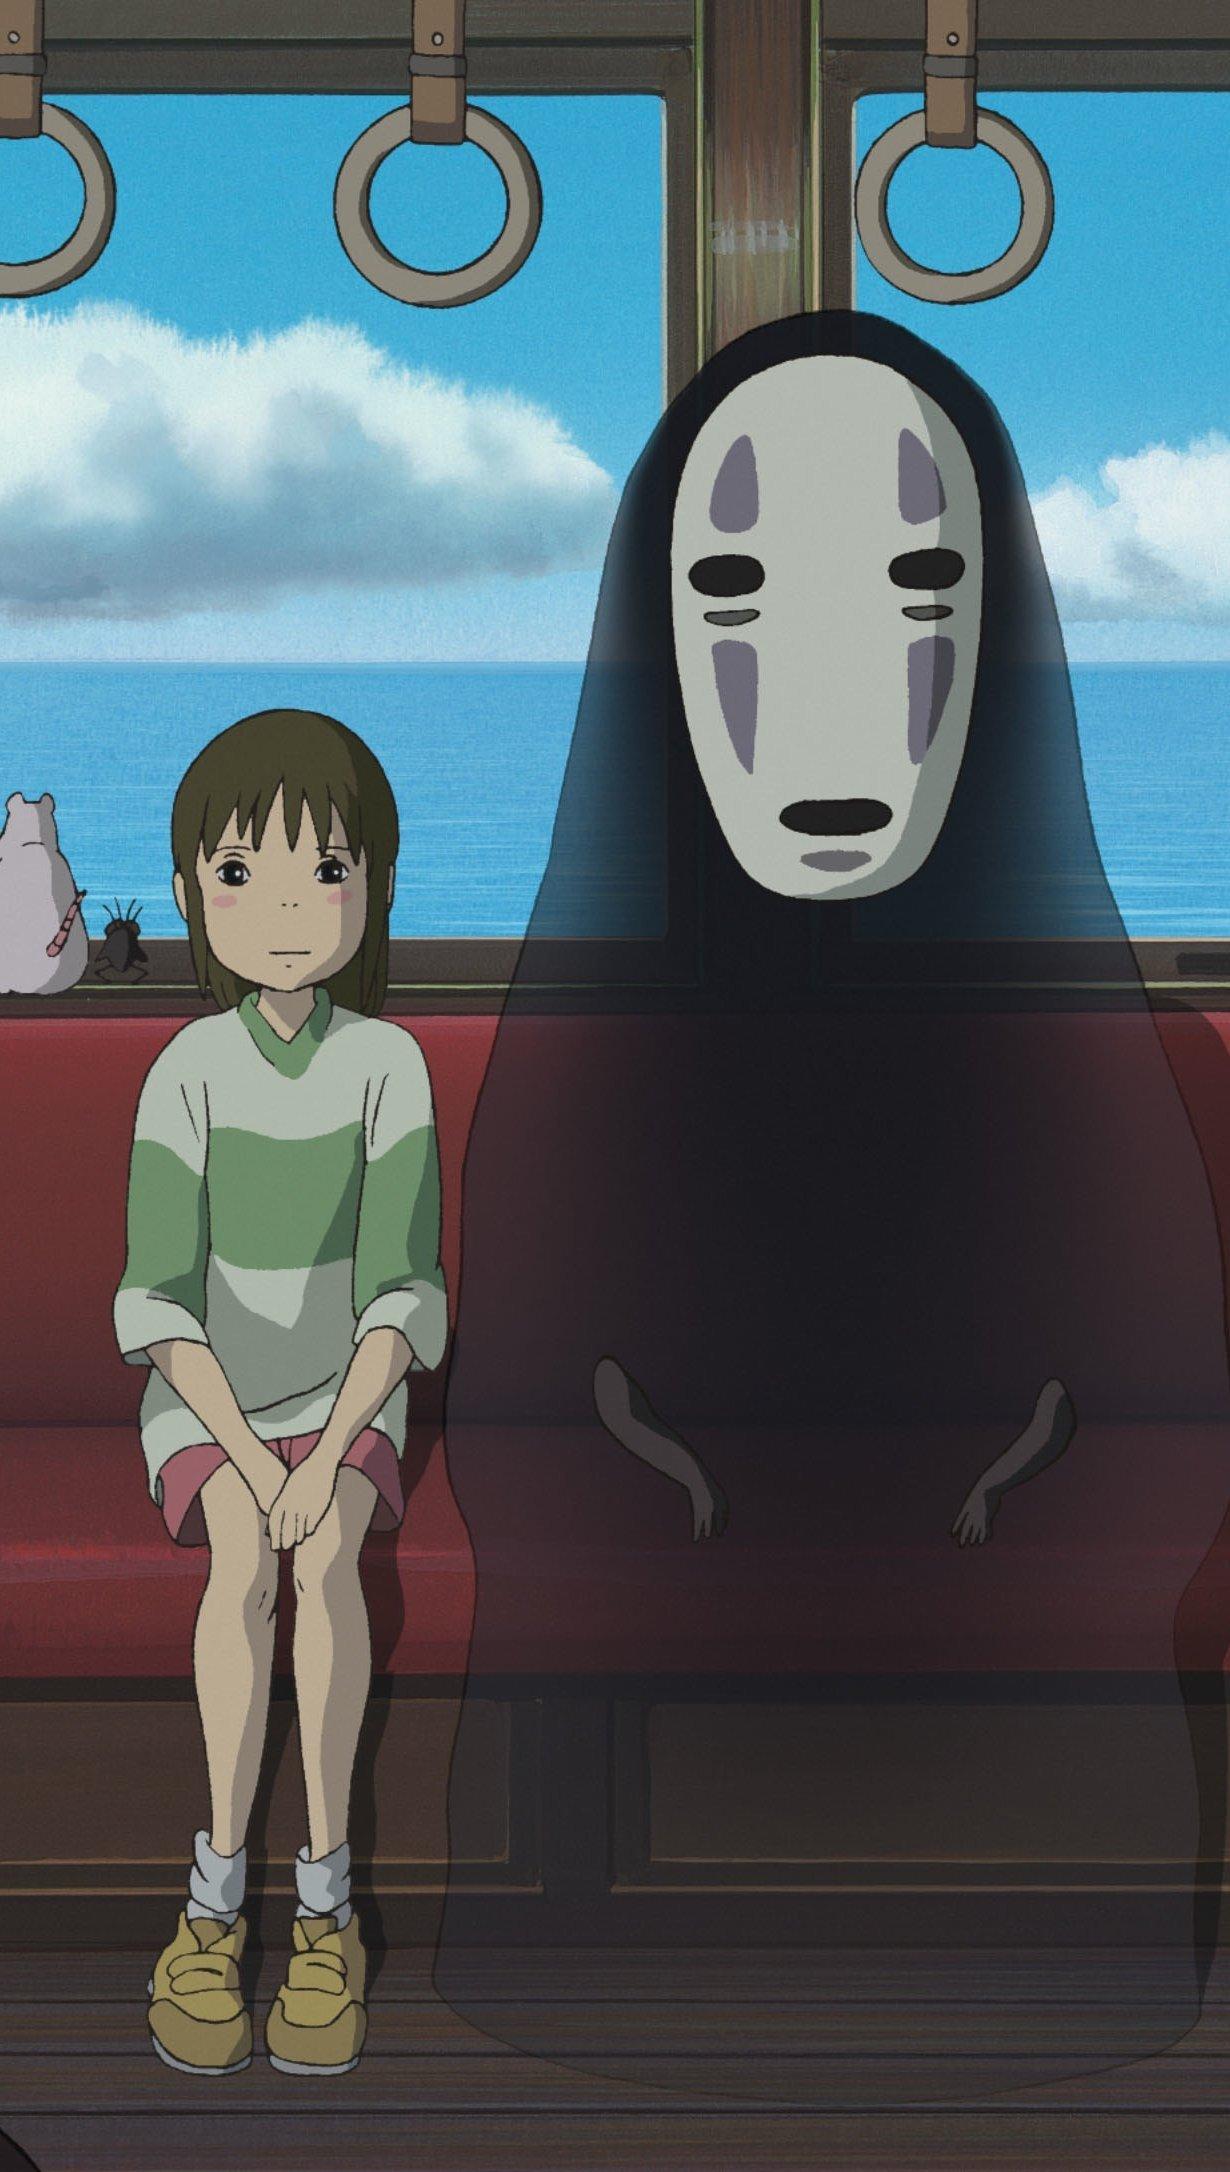 Fondos de pantalla Anime Kaonashi (No-Face) de El viaje de Chihiro Película Vertical